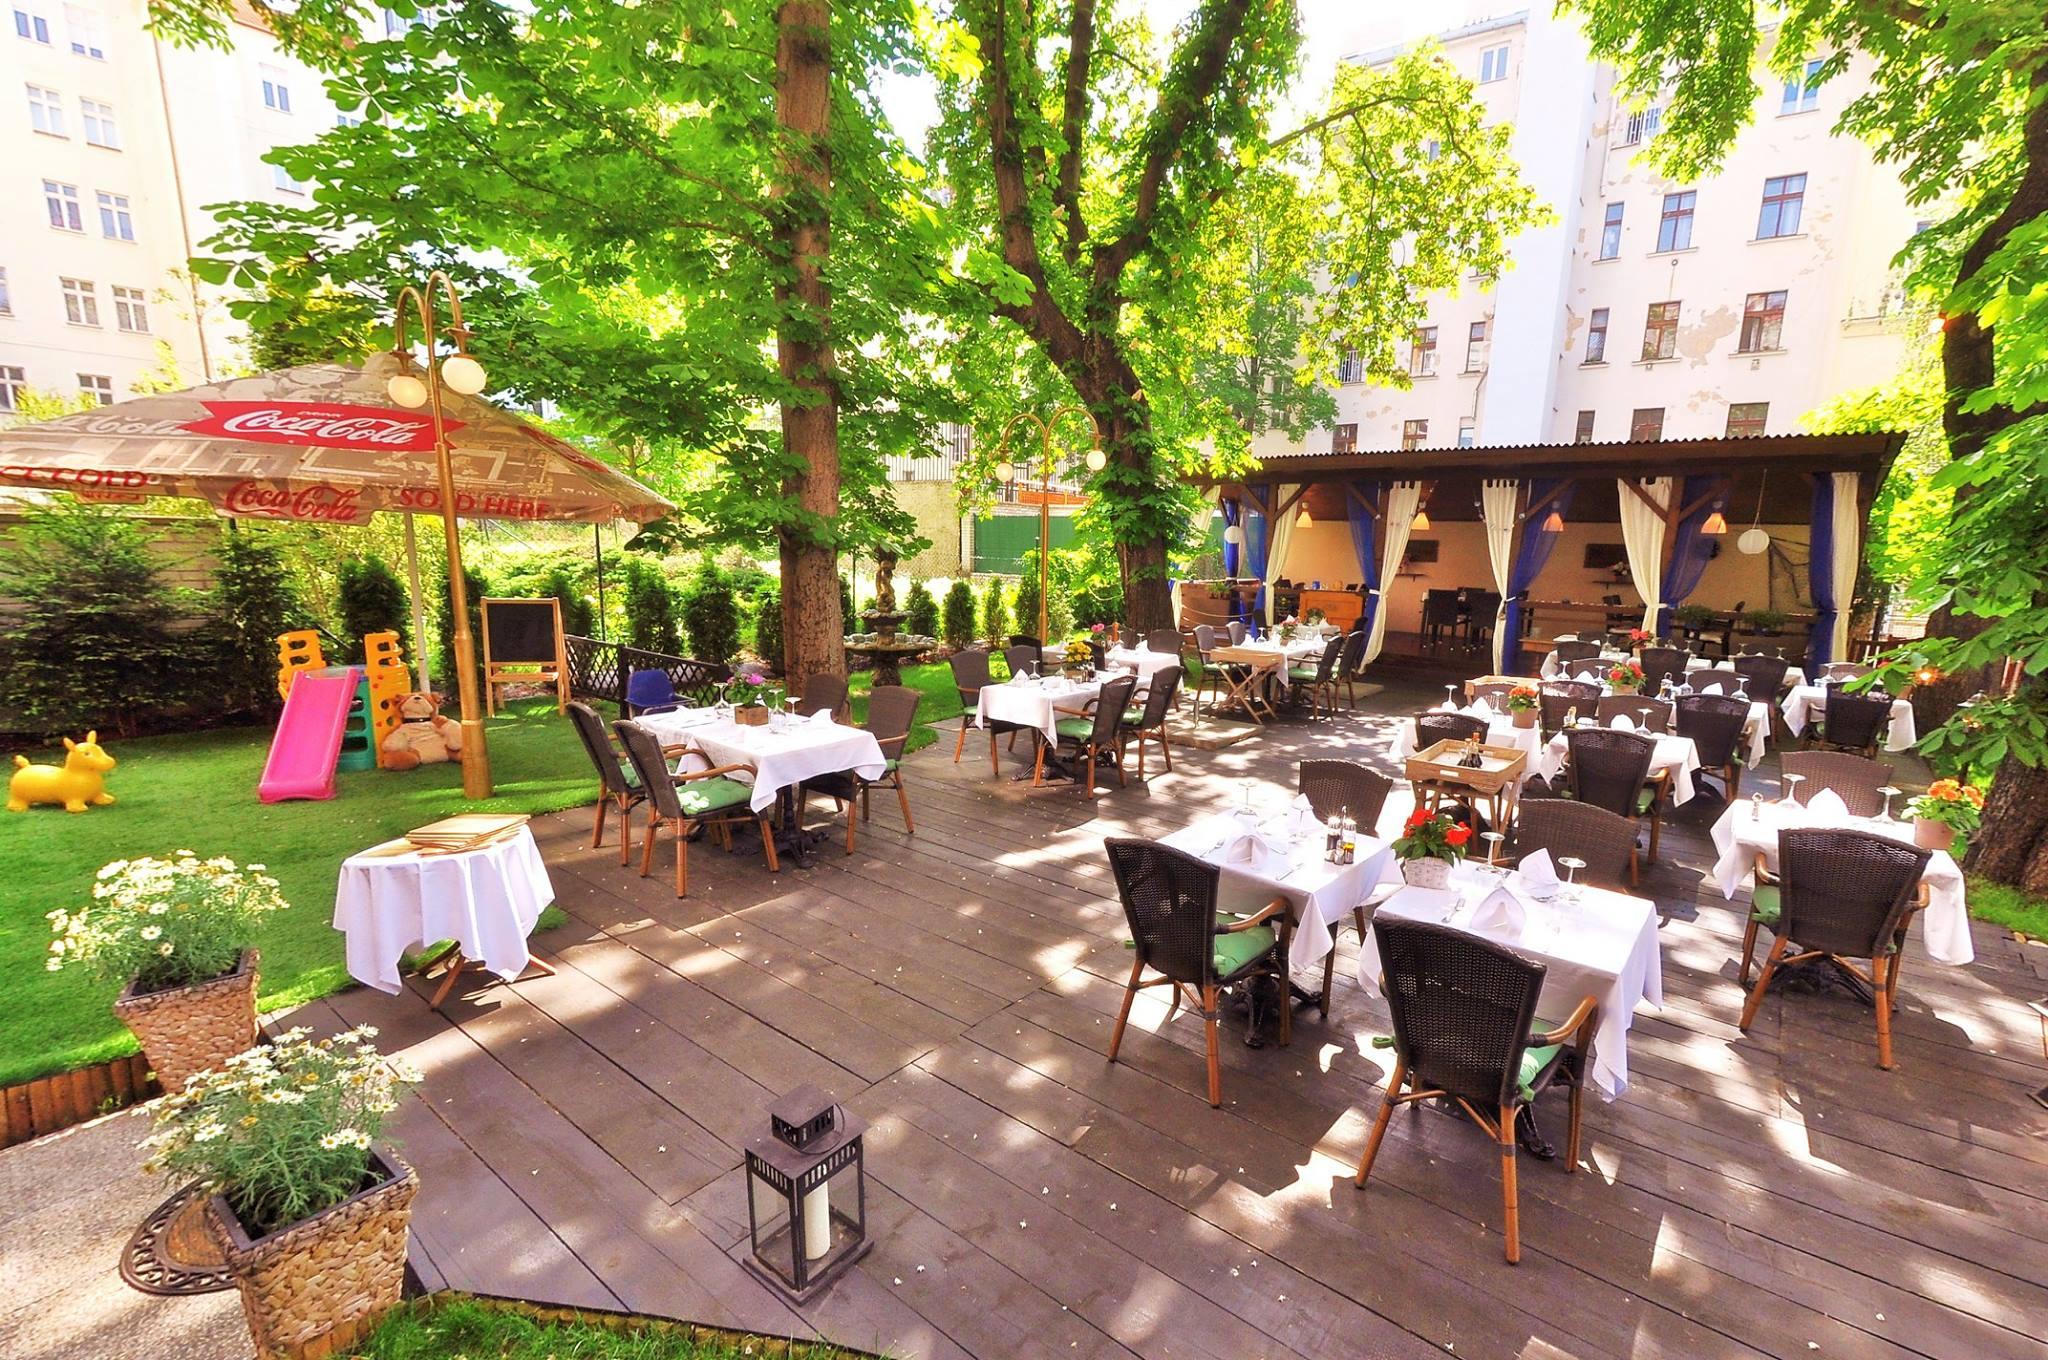 Giardino enoteca con cucina - Prague.eu